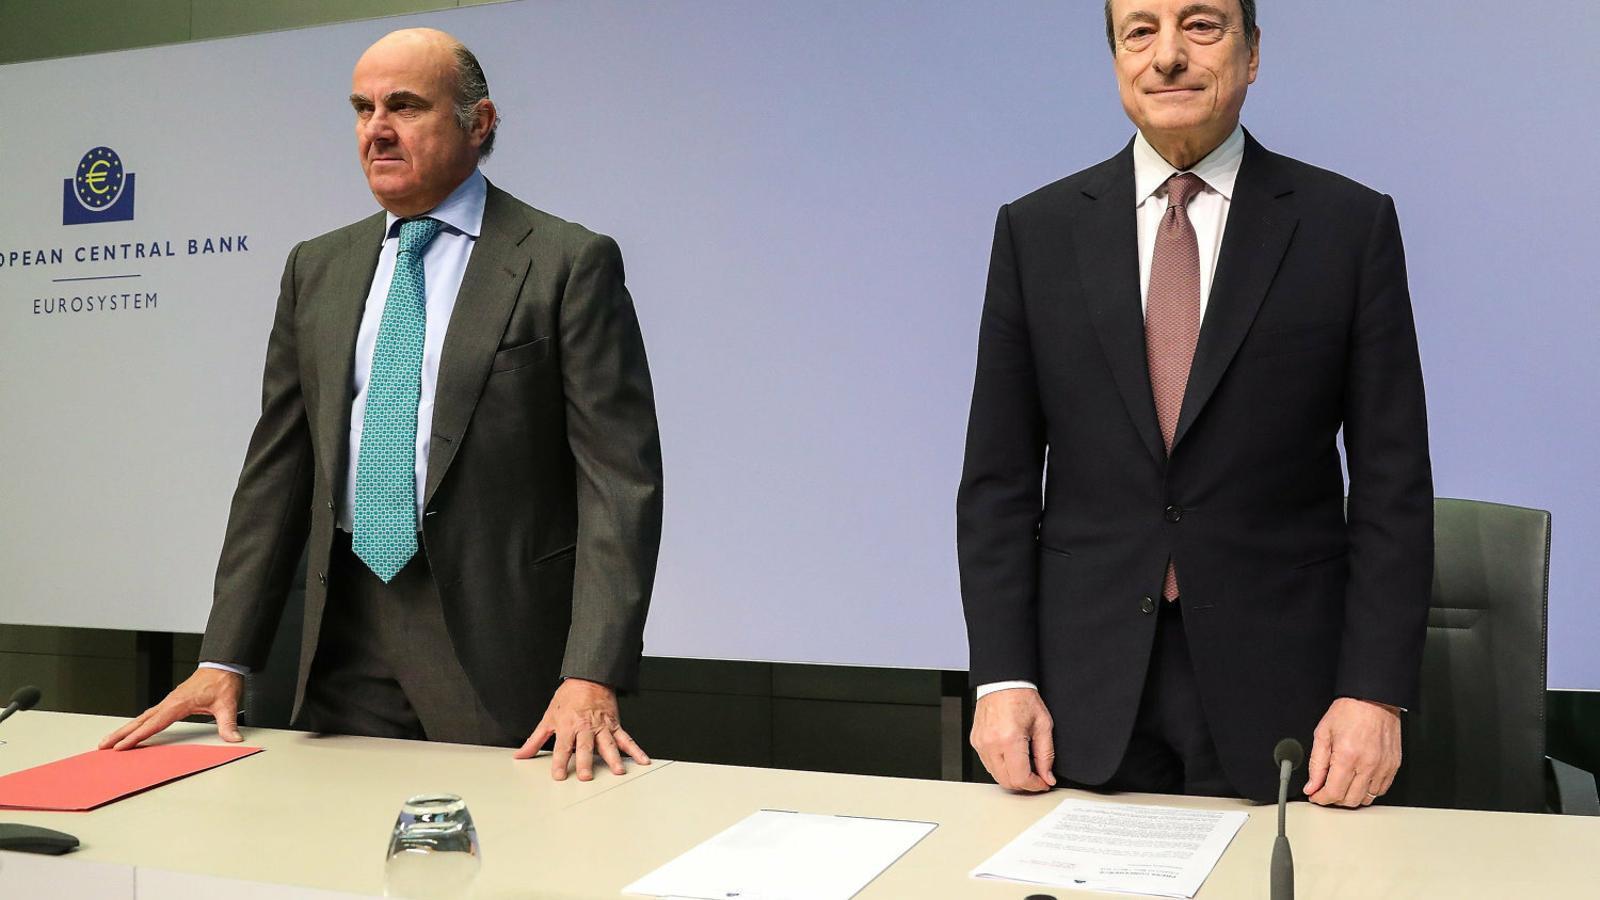 L'FMI rebat Guindos: Espanya va demanar publicar l'informe de Bankia